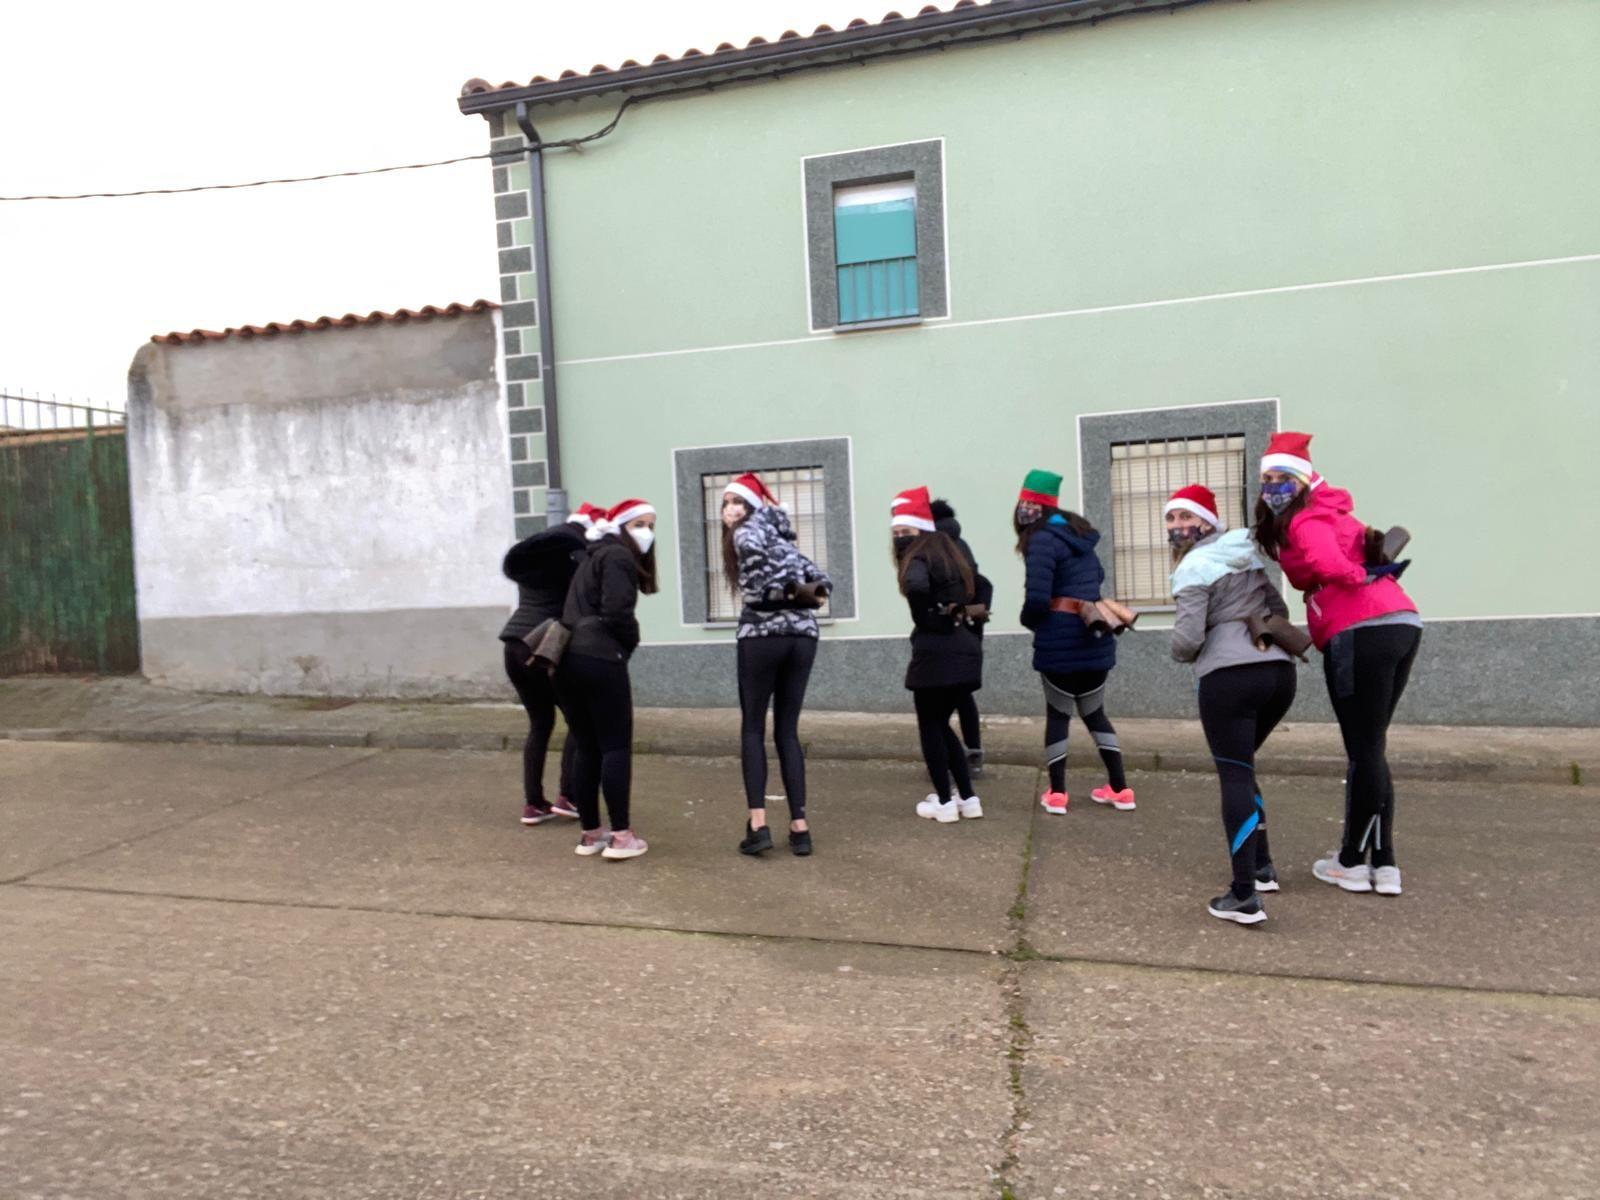 GALERÍA | A falta de Zangarrón, los cencerros suenan en Montamarta